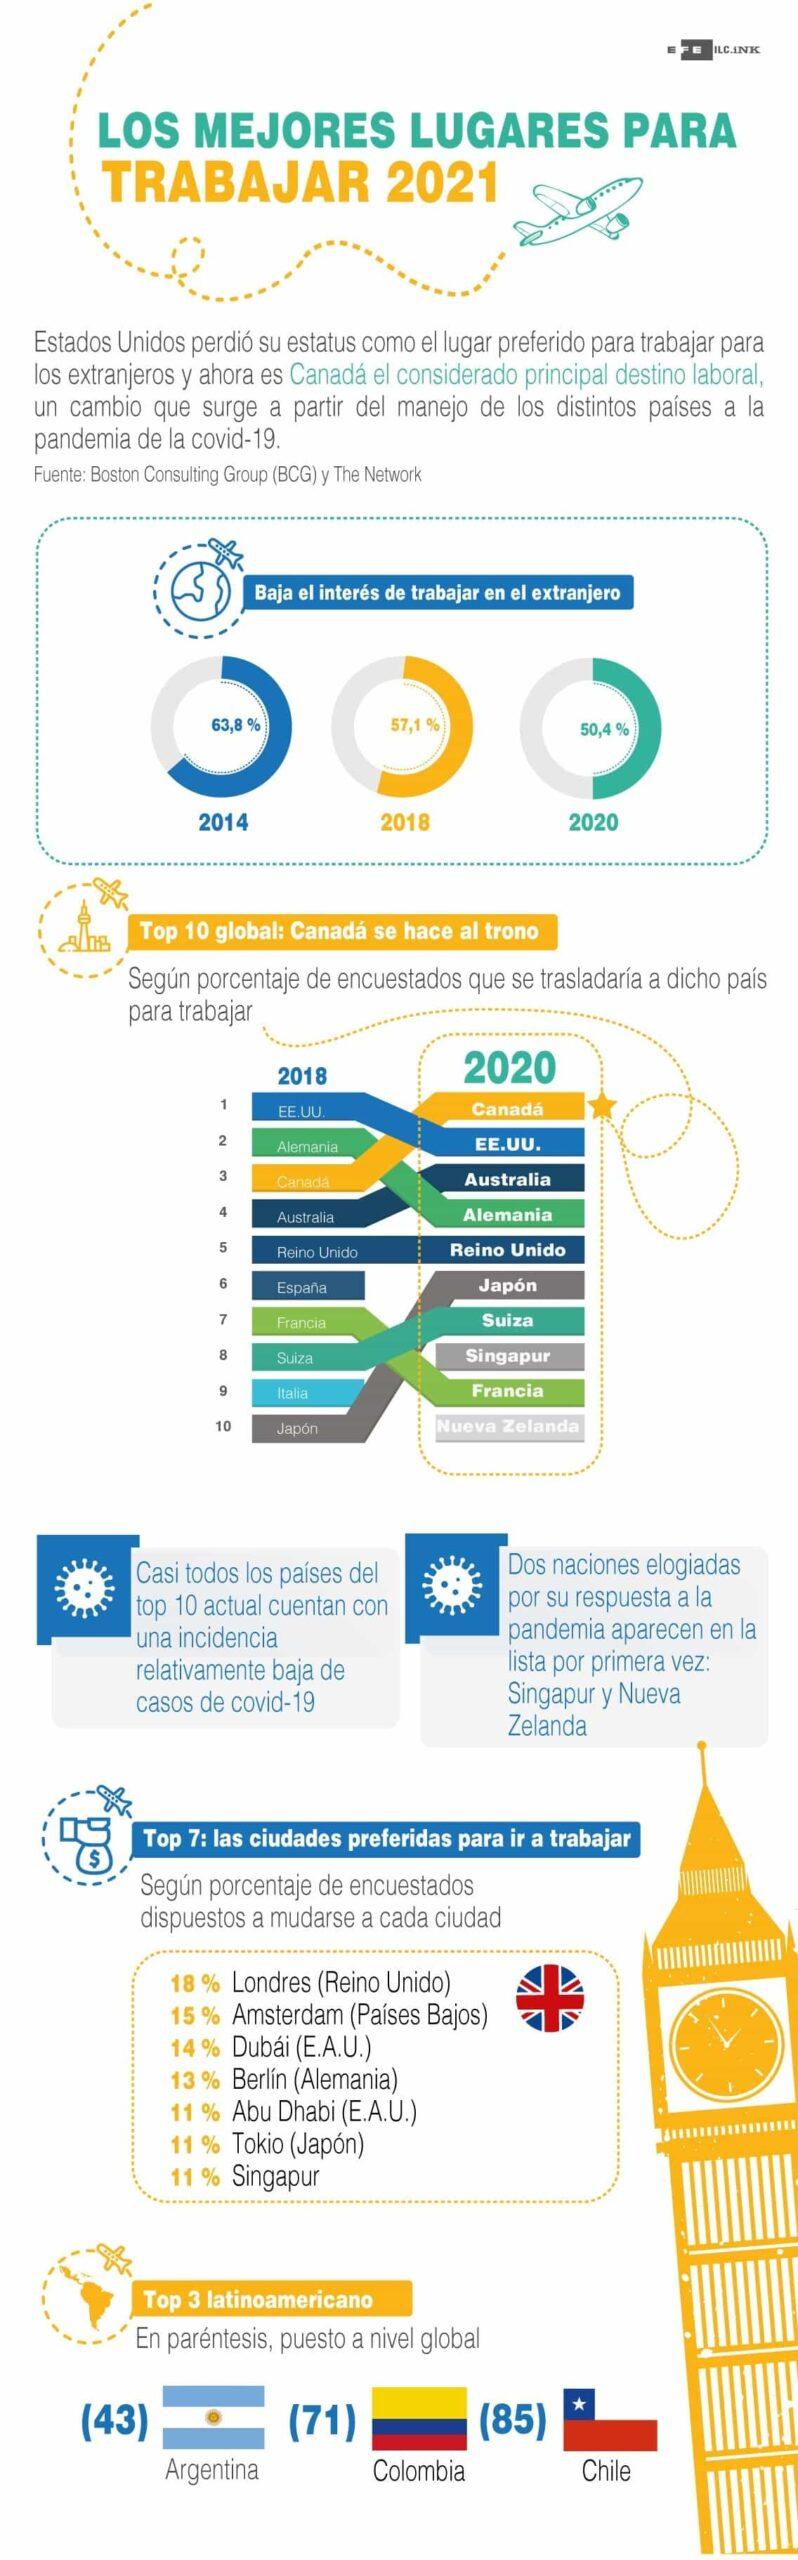 [Infografía] - Los mejores lugares para trabajar en 2021 1